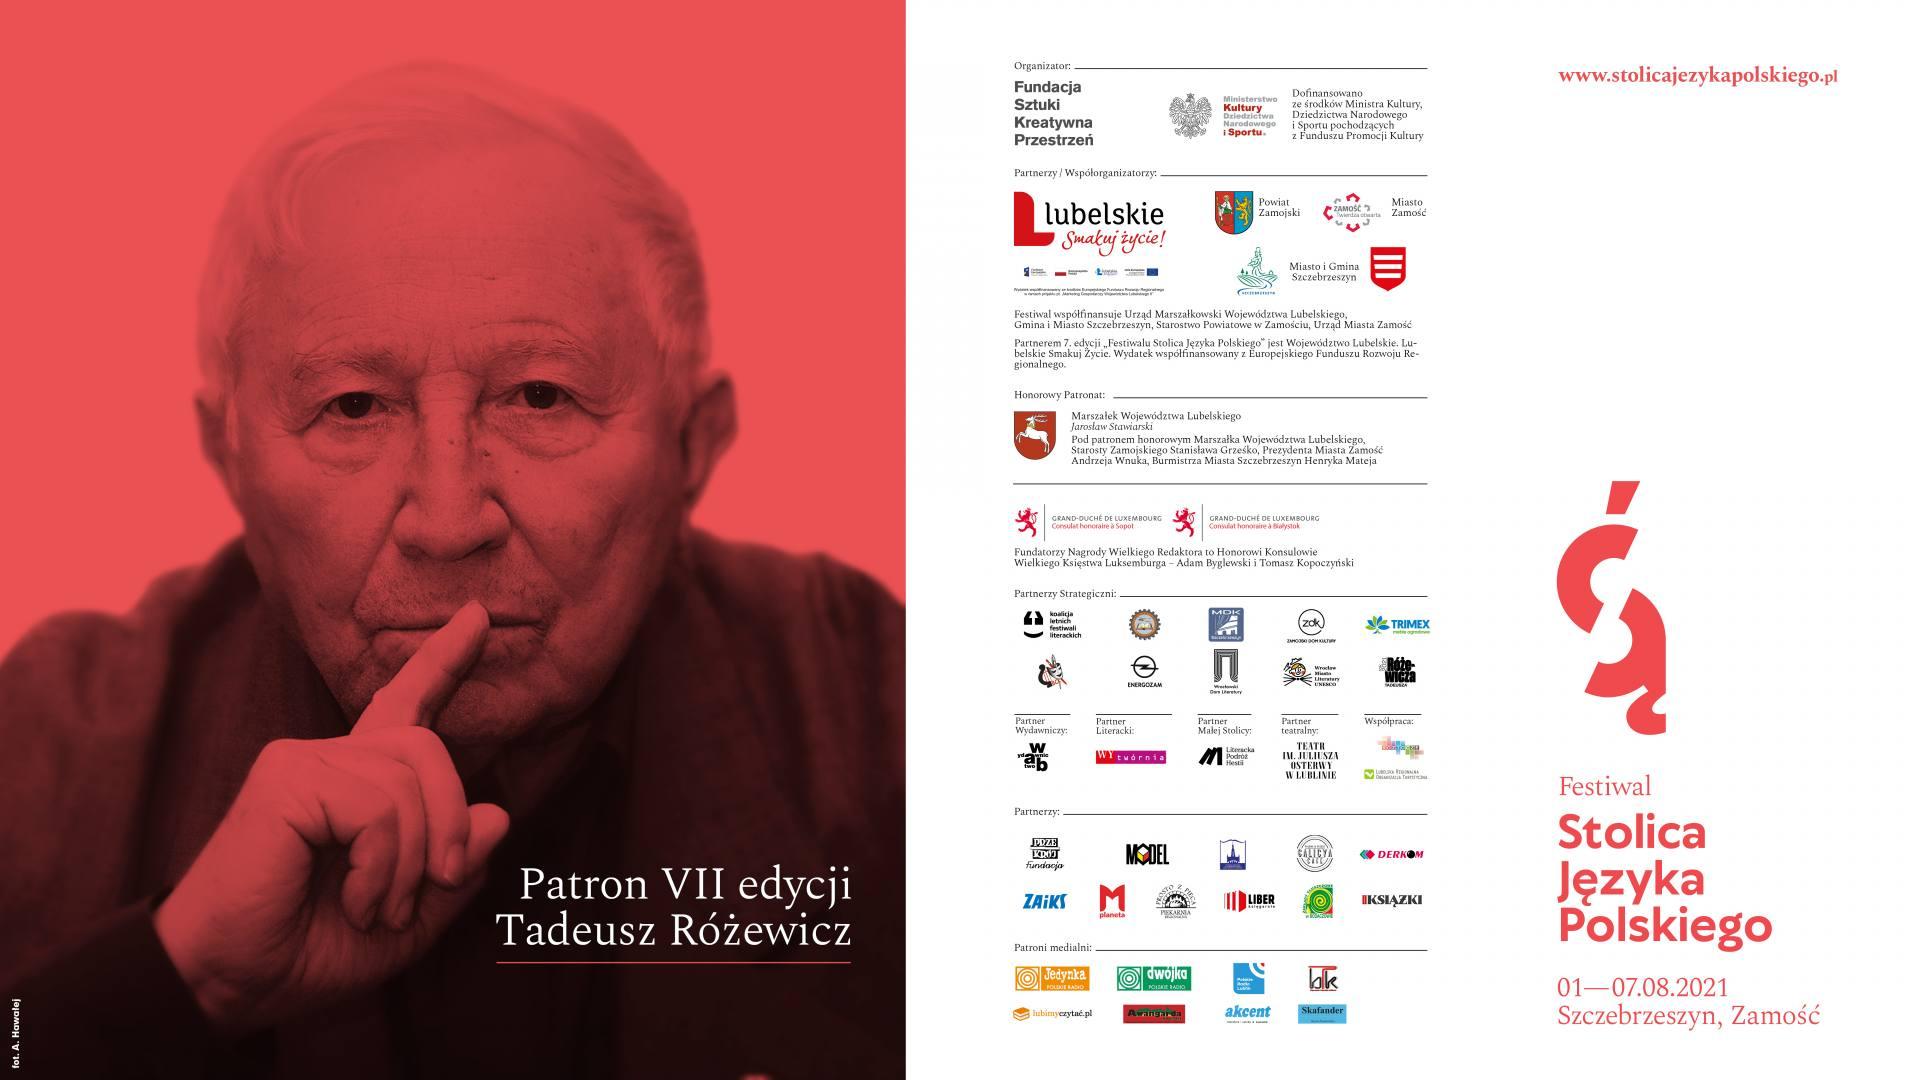 fsjp 2021 plakat w poziomie Wnuczka Tadeusza Różewicza na festiwalu - Publikujemy szczegółowy program